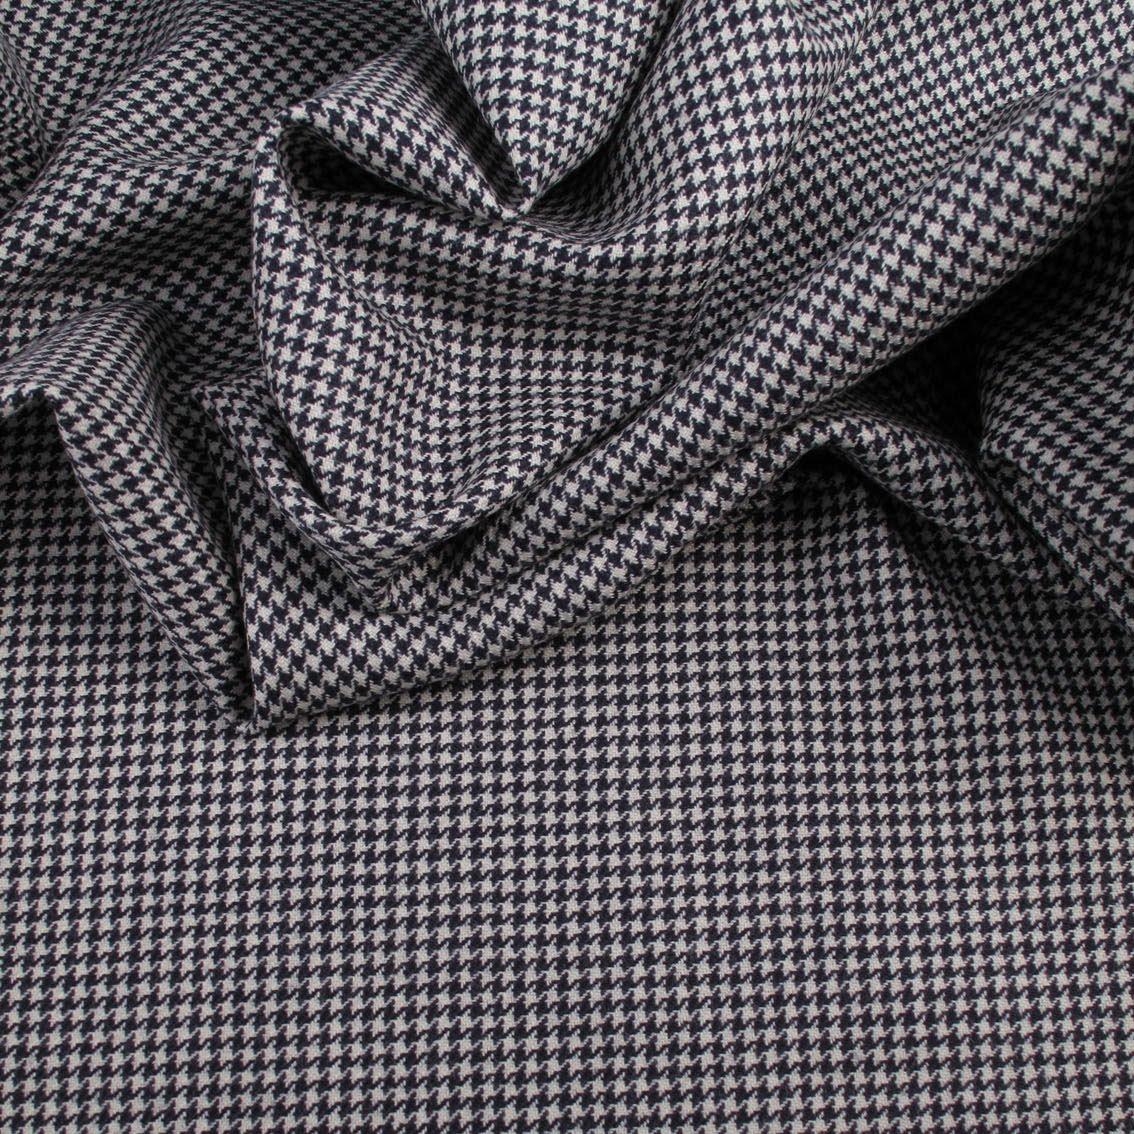 tissus laine pied de poule et prince de galles. Black Bedroom Furniture Sets. Home Design Ideas